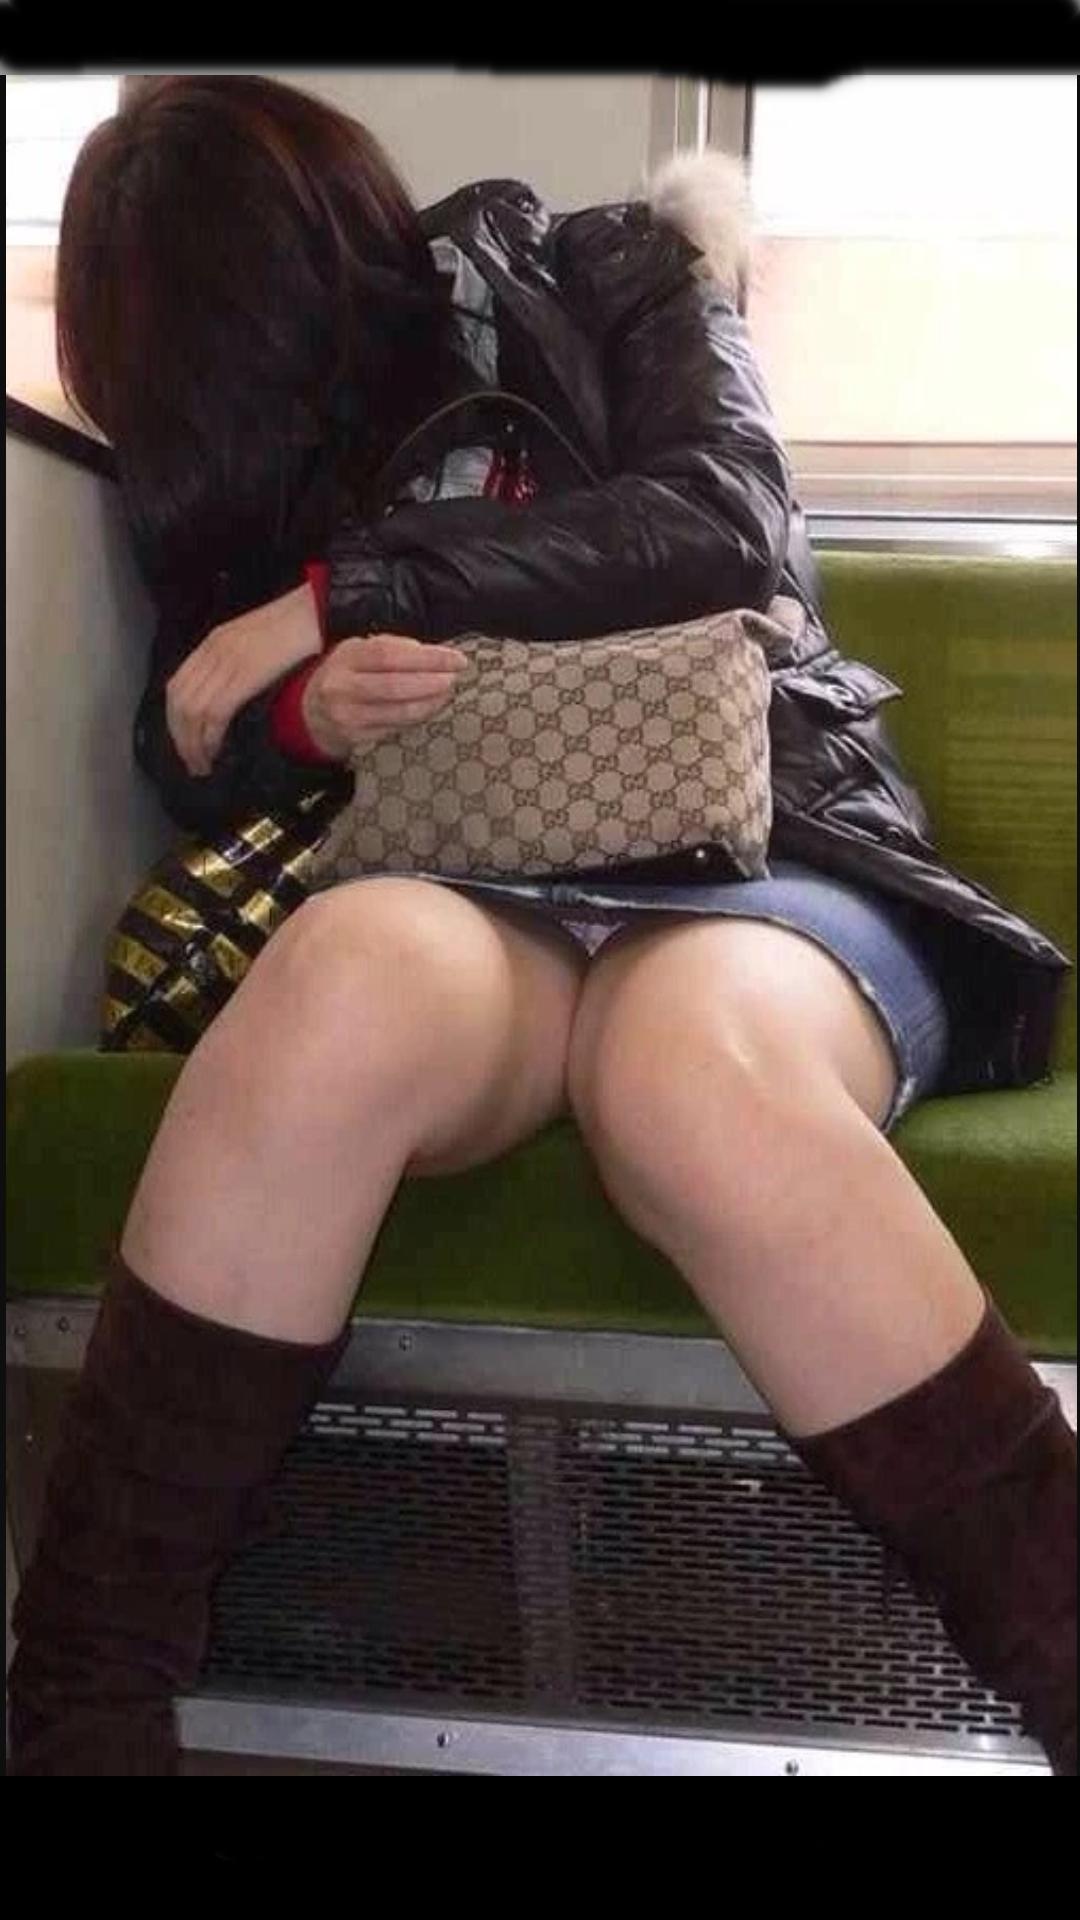 【パンチラエロ画像】電車に乗るなら忘れずにwスルー無理な対面パンチラwww 01